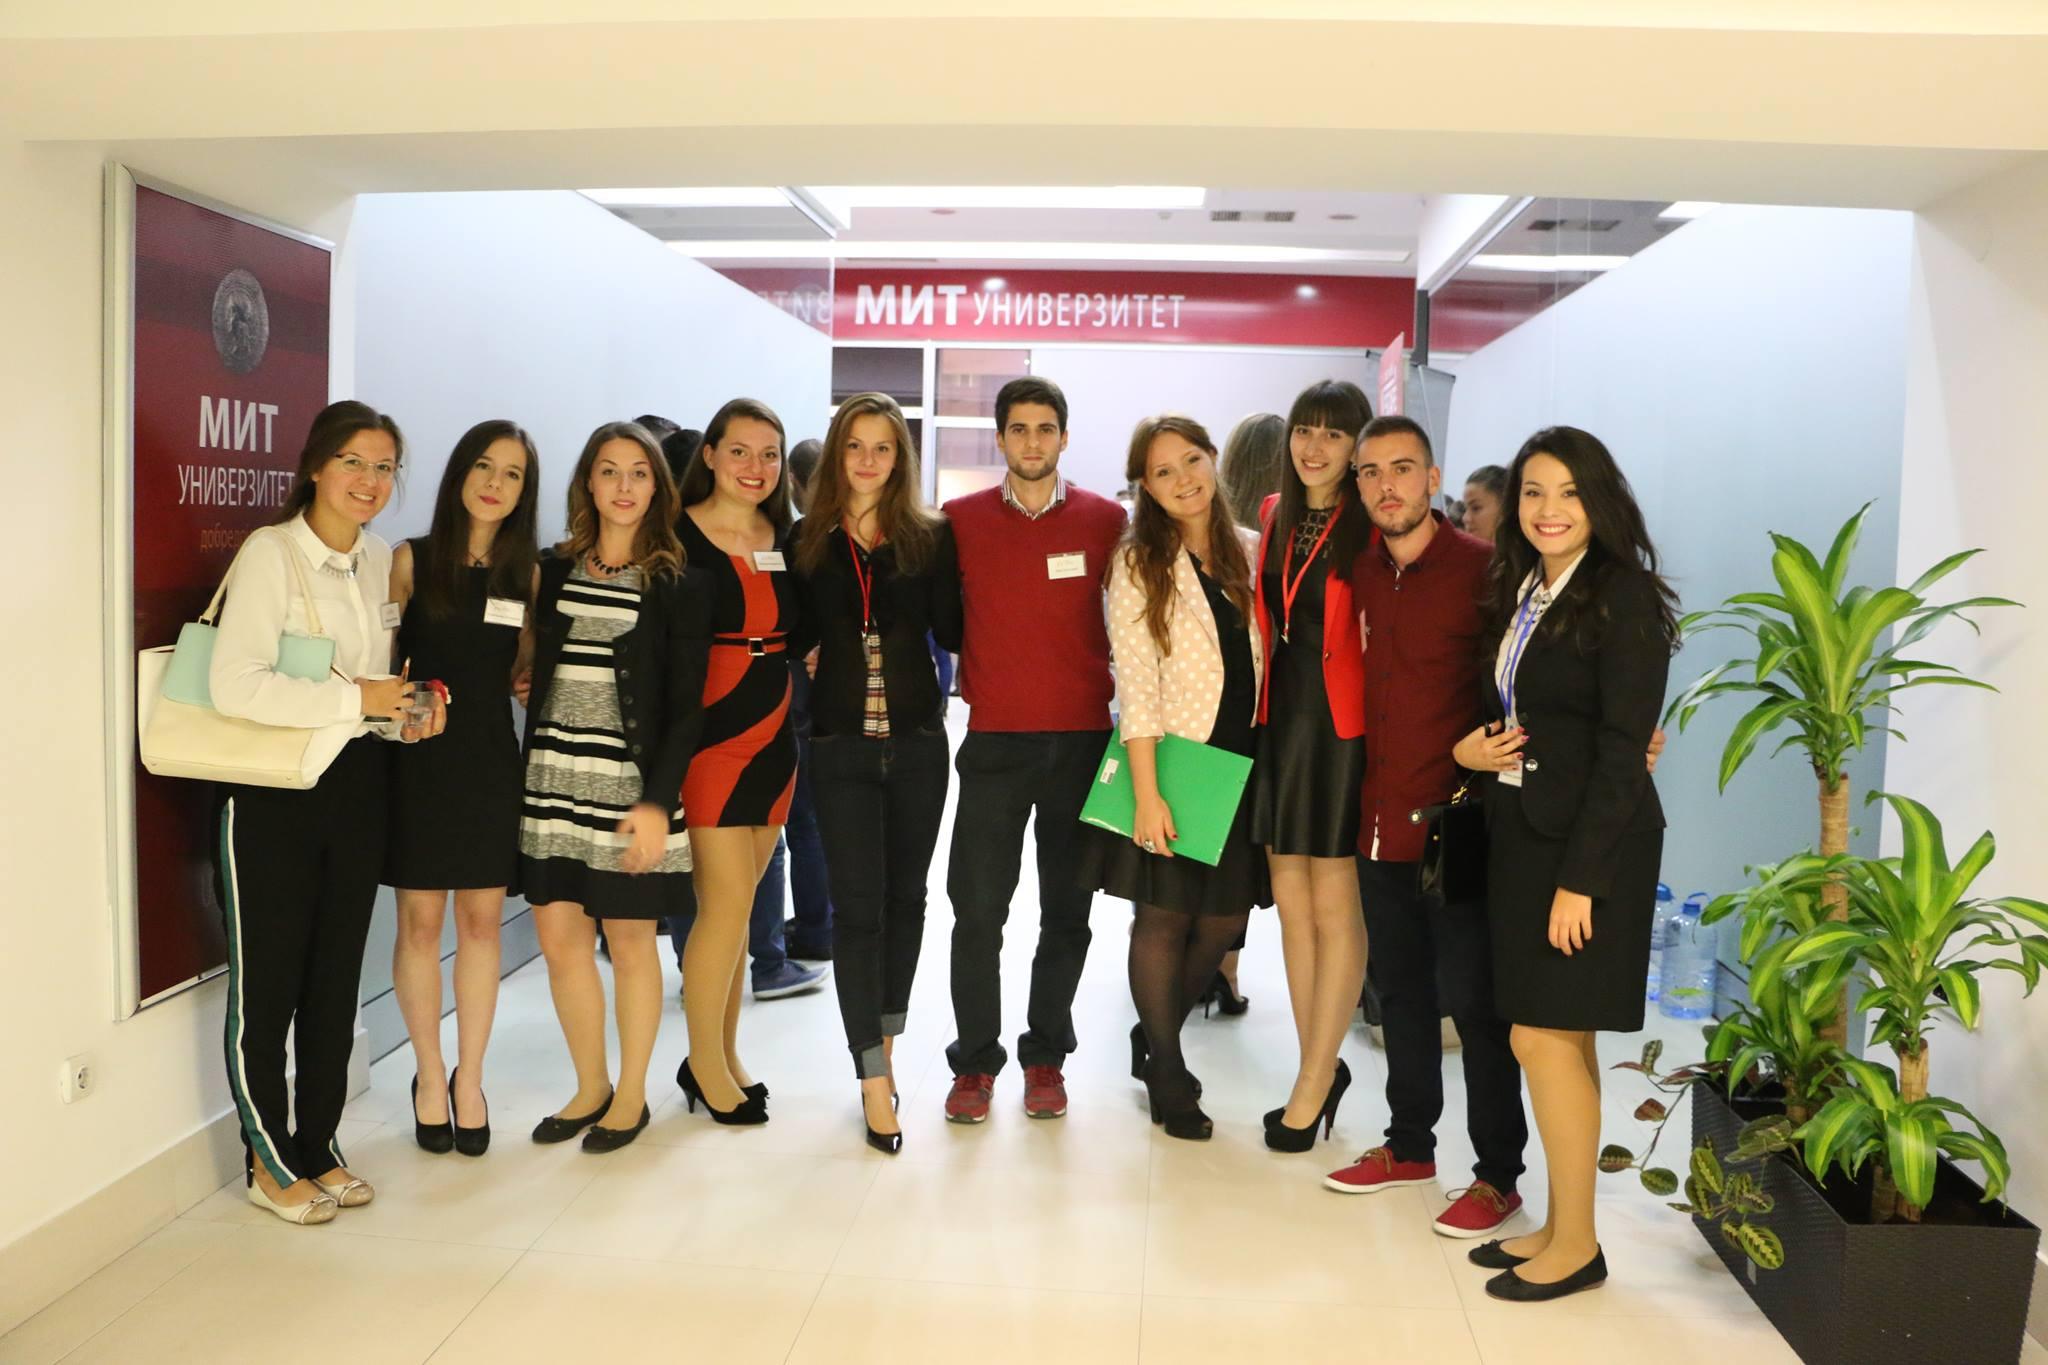 Промотивен настан на младинската организација Анти Корупција Интернационал Македонија